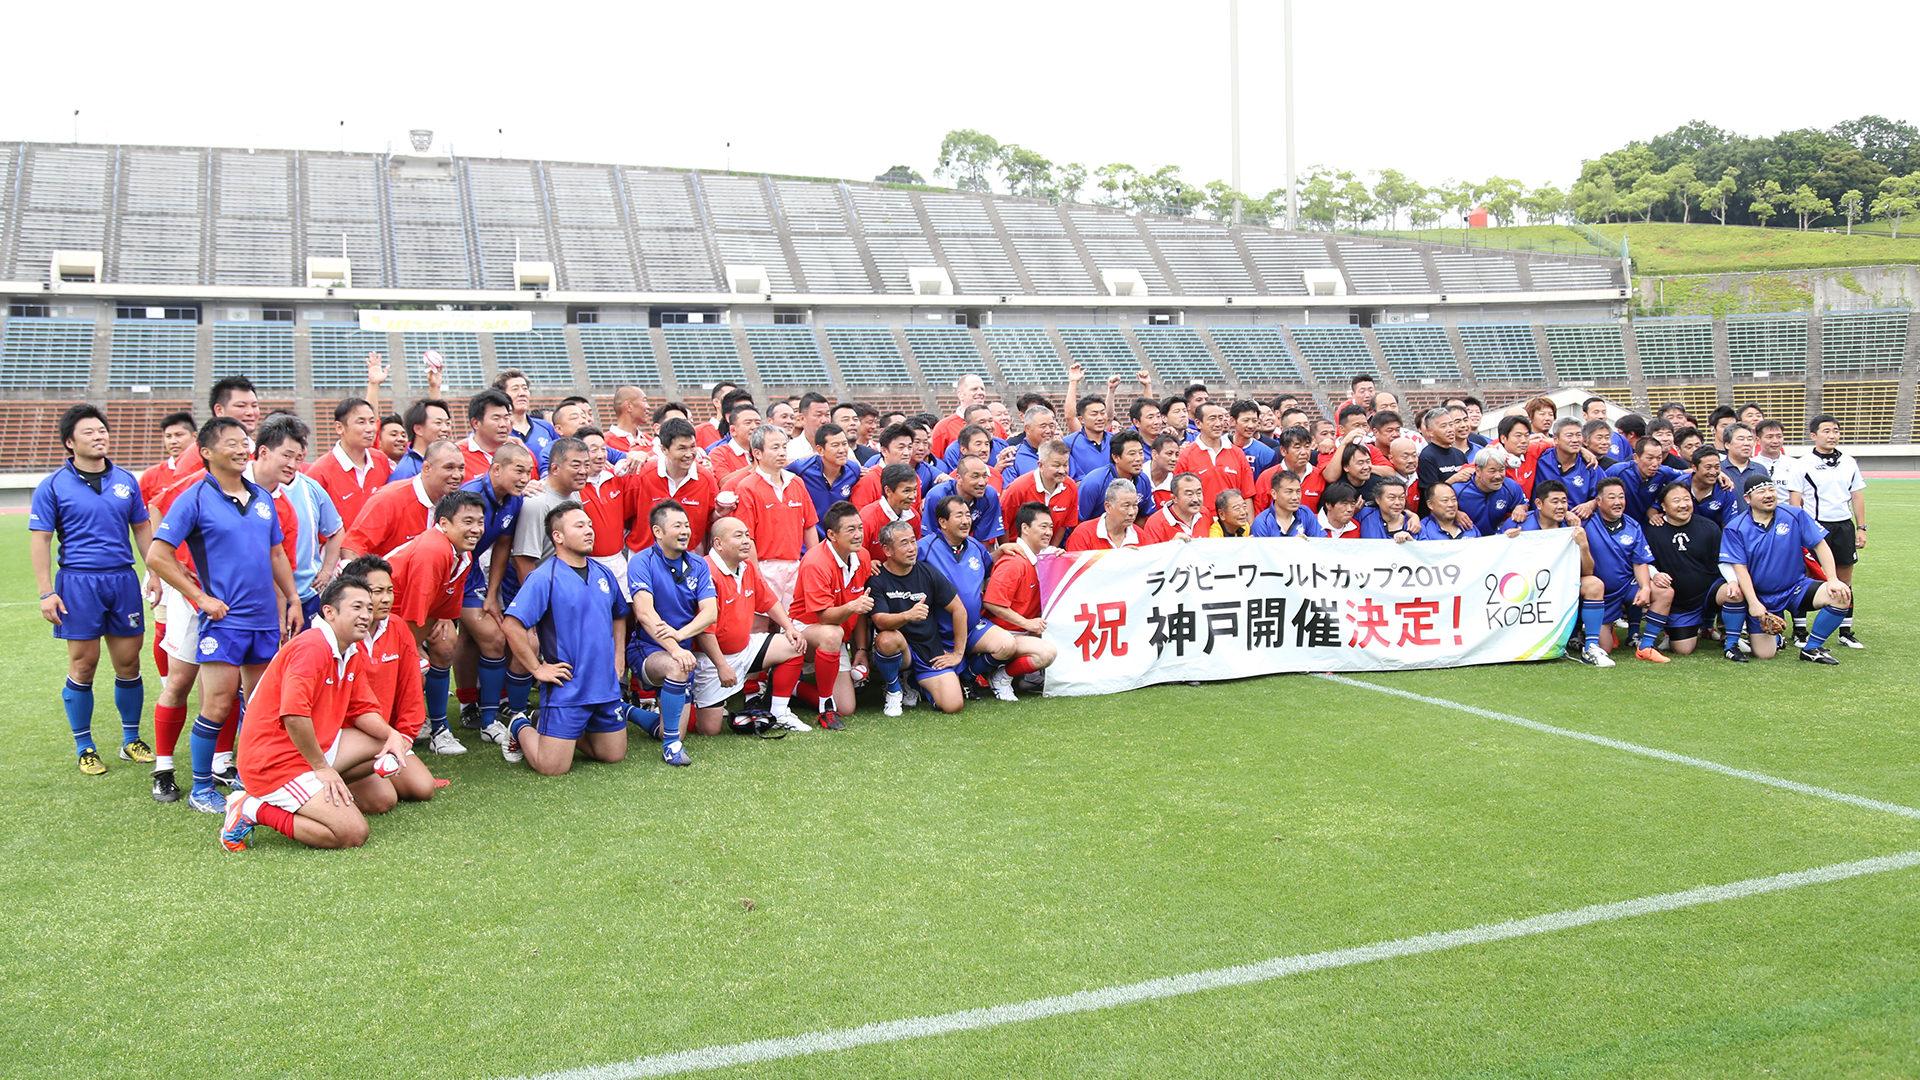 兵庫県ラグビーフットボール協会の公式ホームページです。